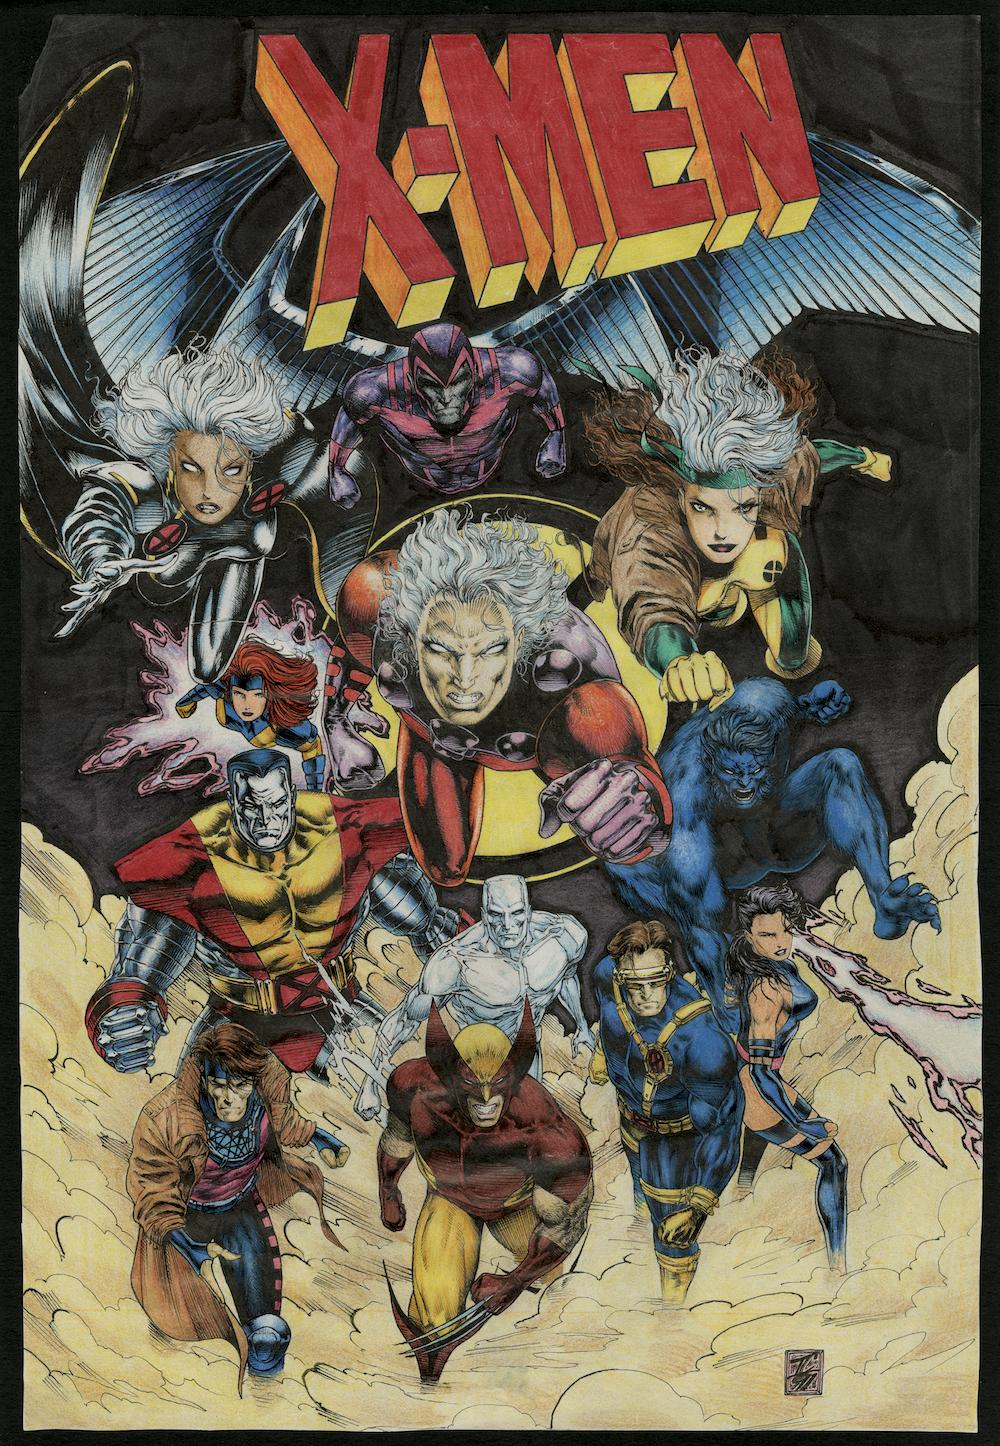 X-Men'91.jpg